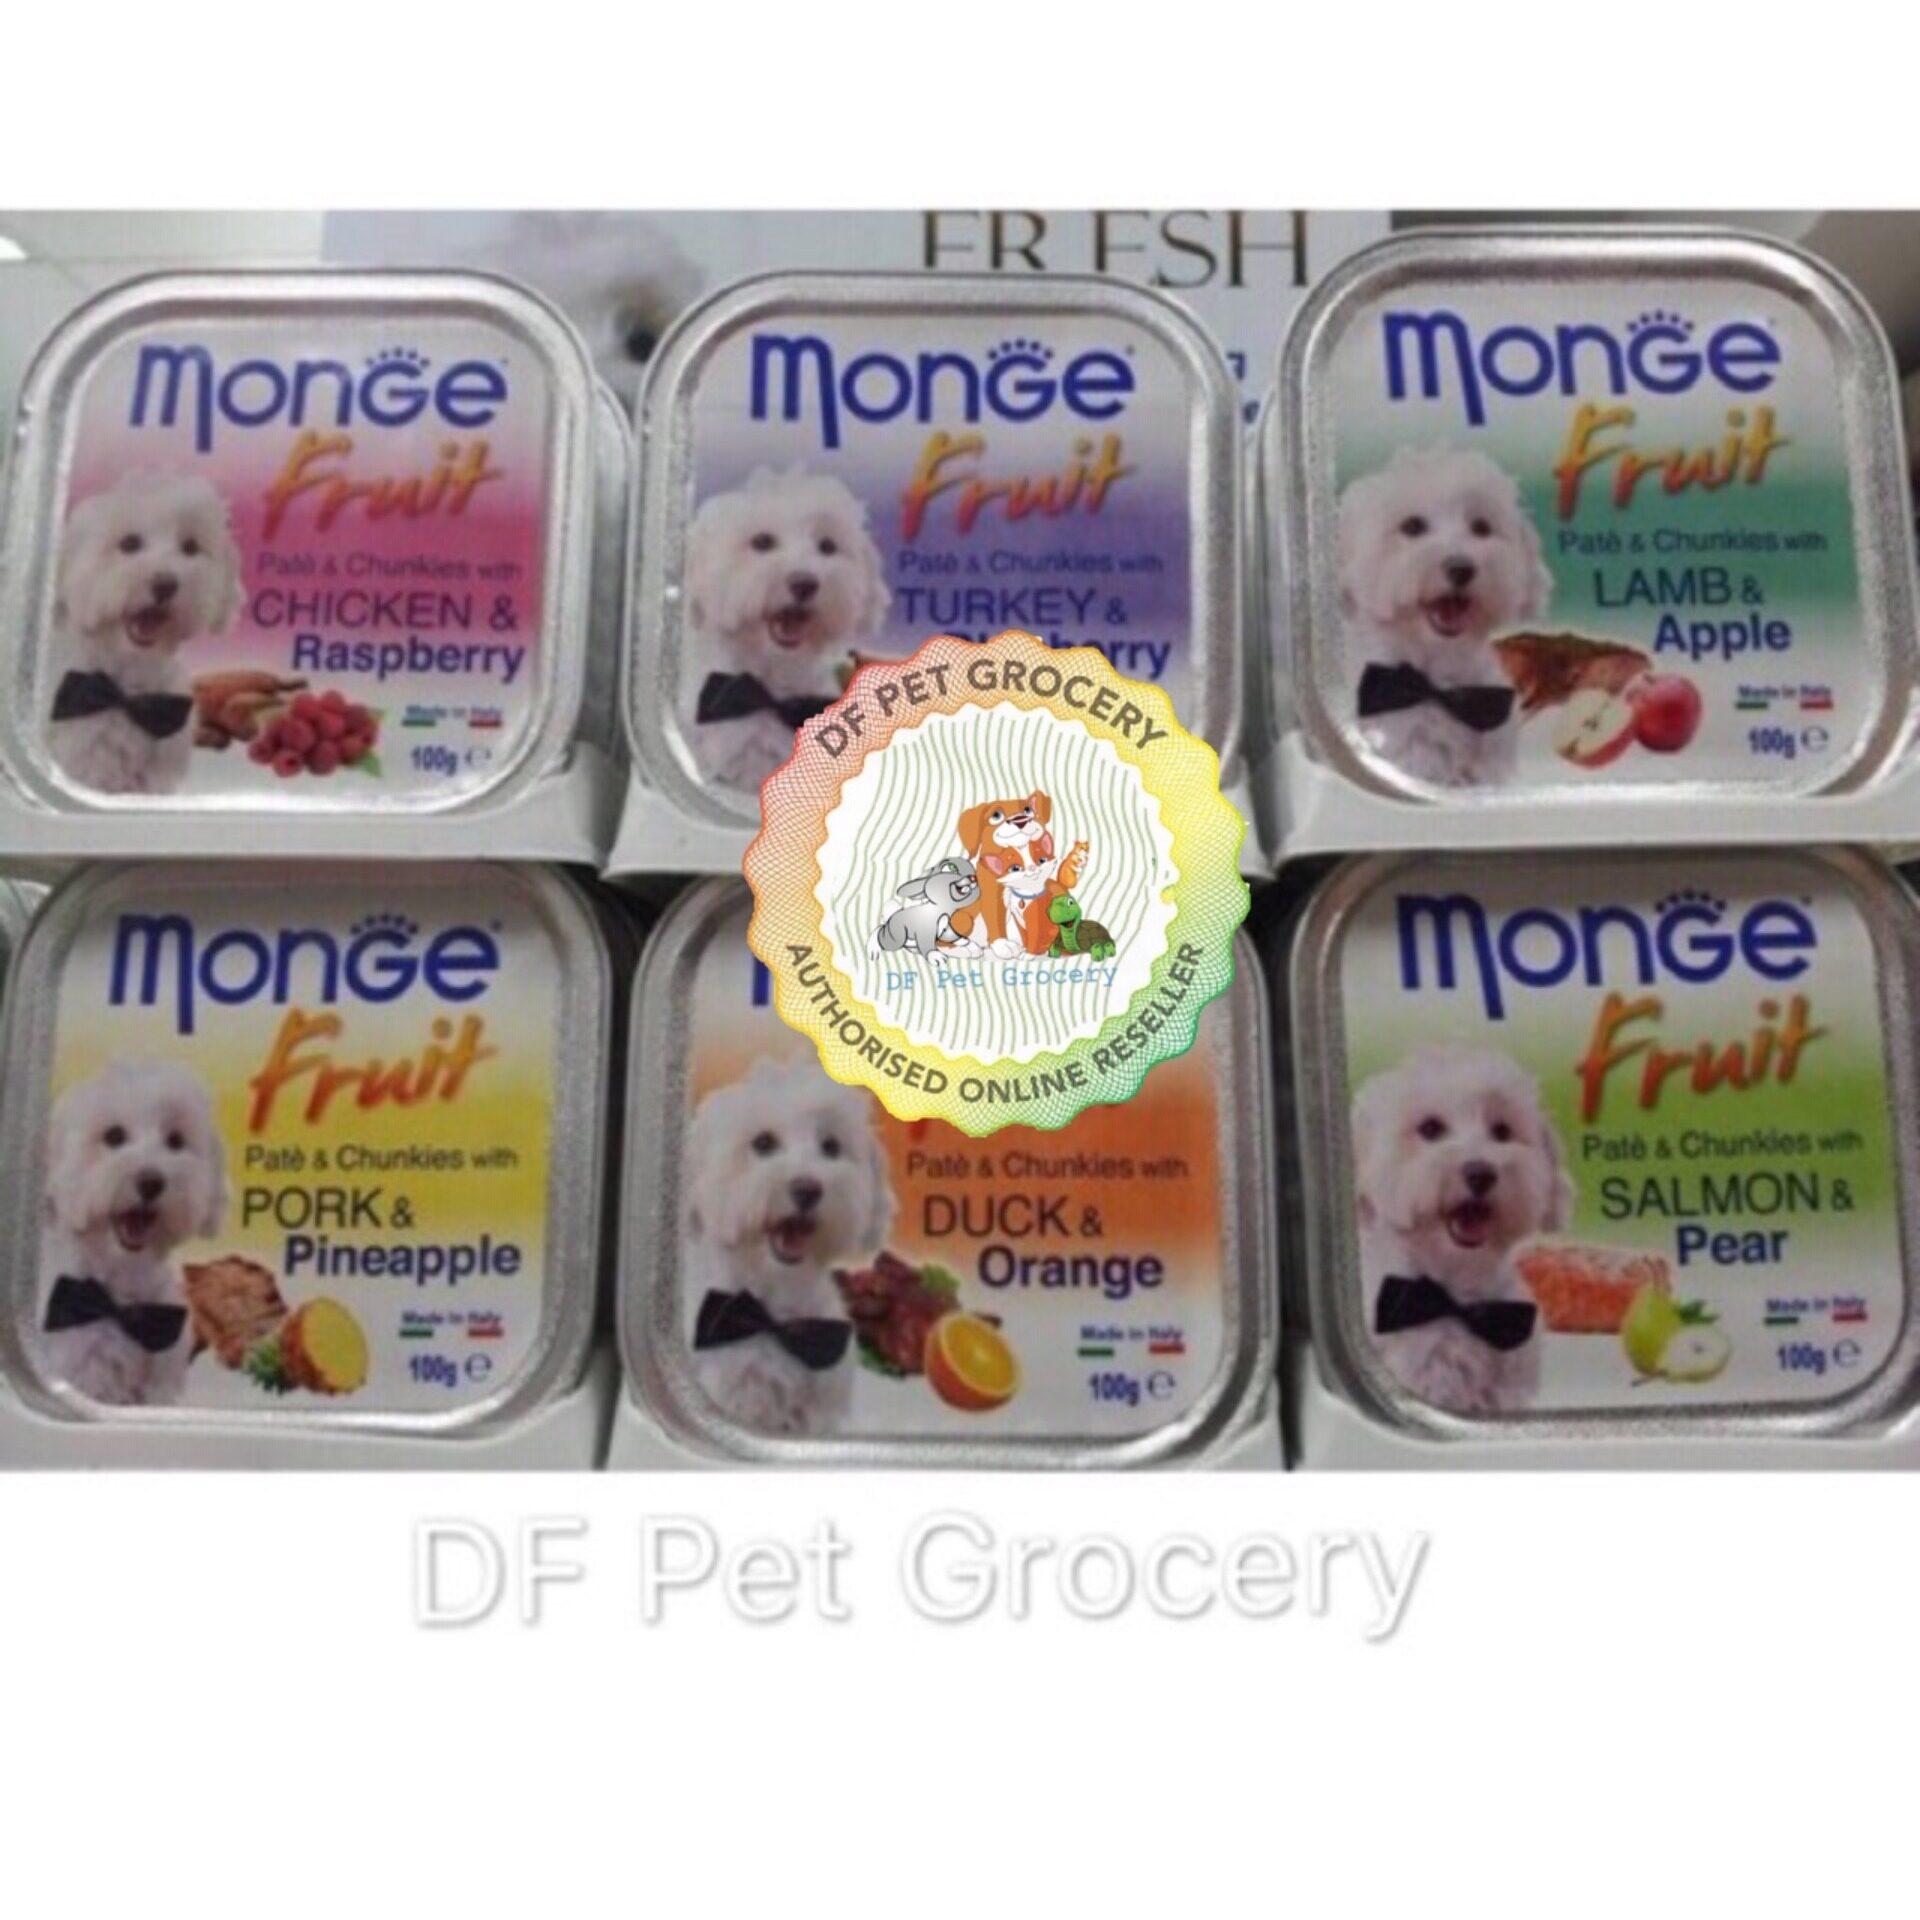 Monge Fruits Dog Wet Food 100g X 32 Tray - Dog Tray (Mix Flavour)